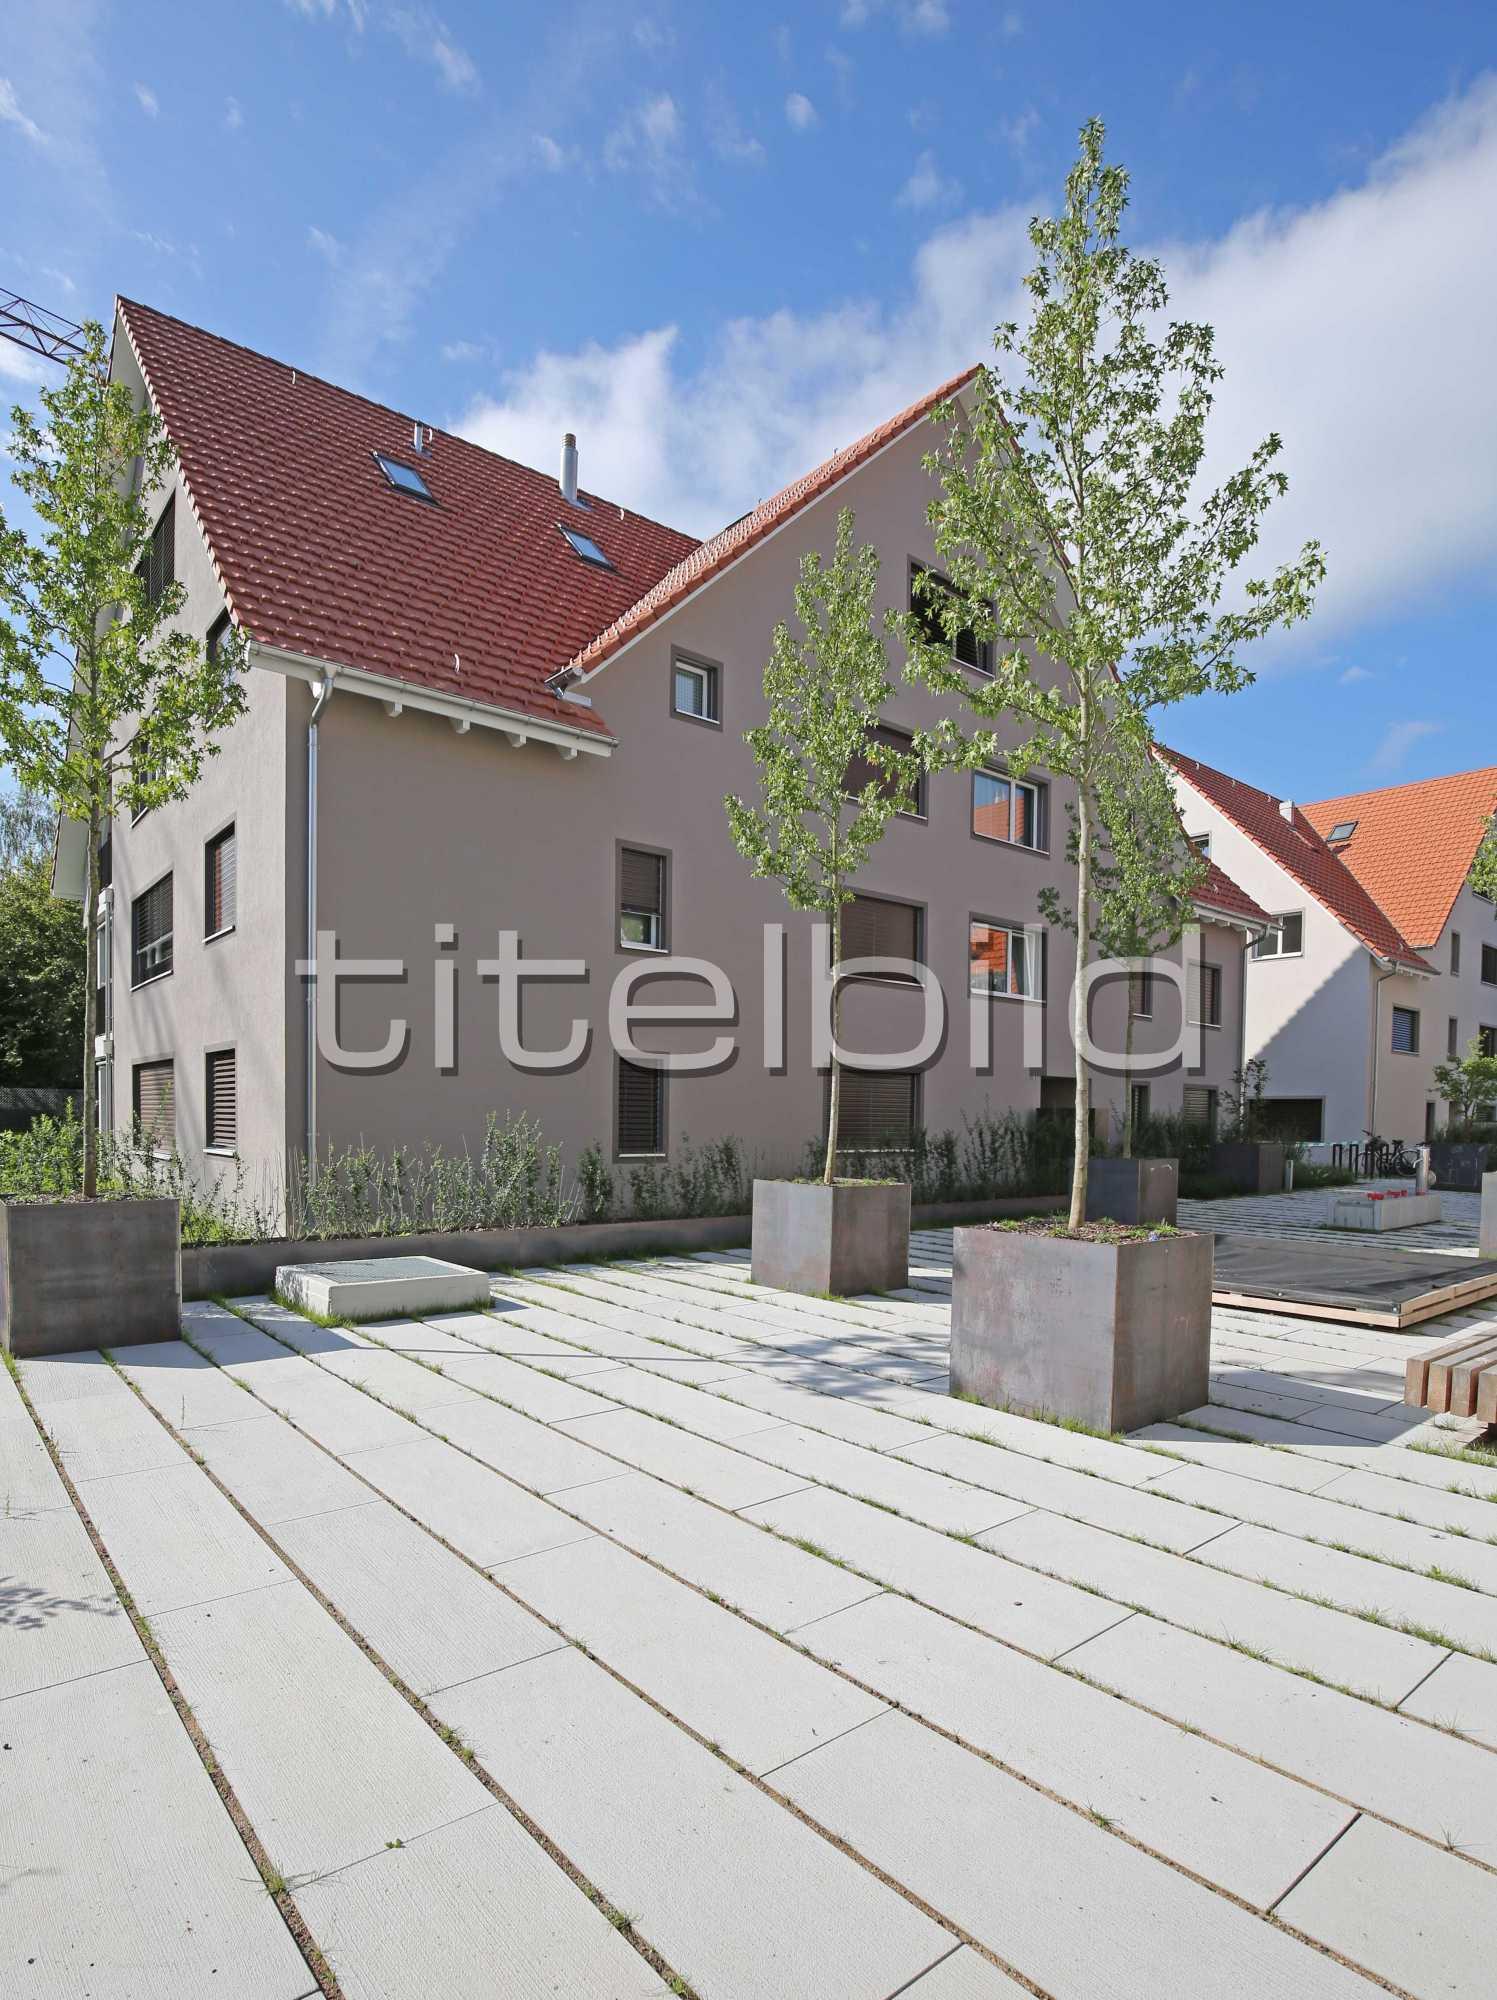 Projektbild-Nr. 2: Wohnüberbauung Pfarrhausstrasse